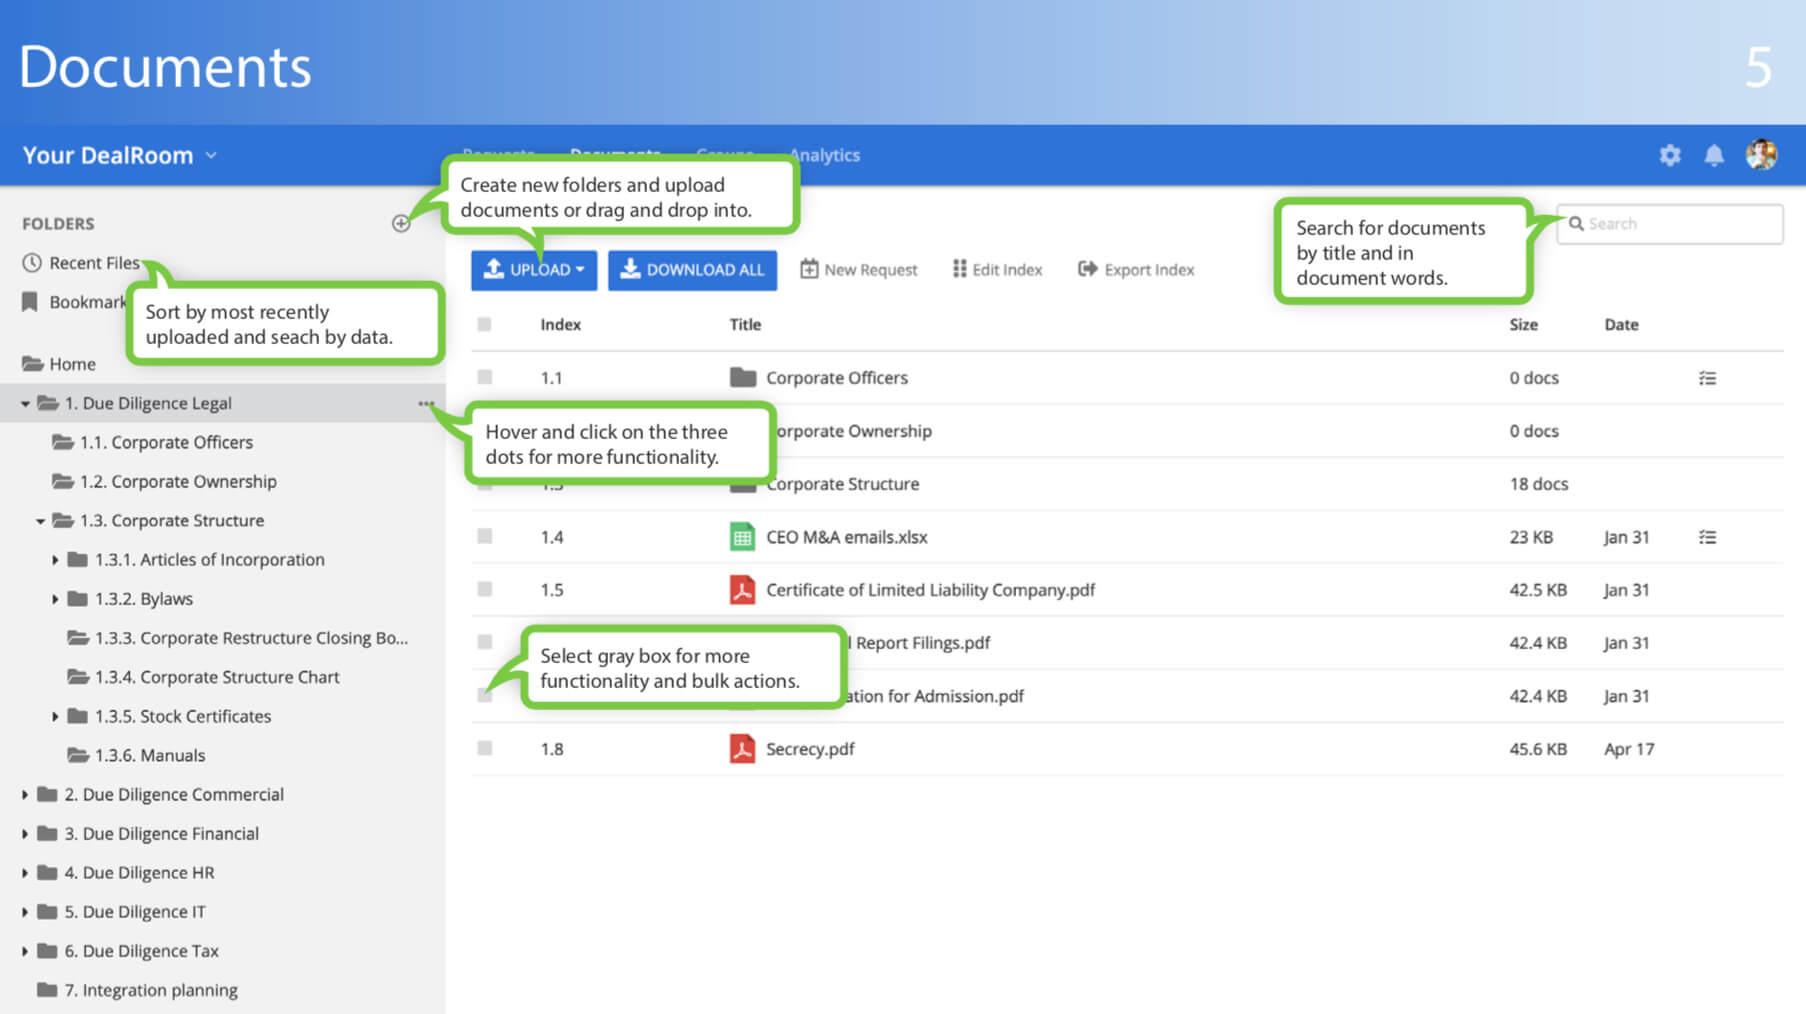 virtual data room documents tab